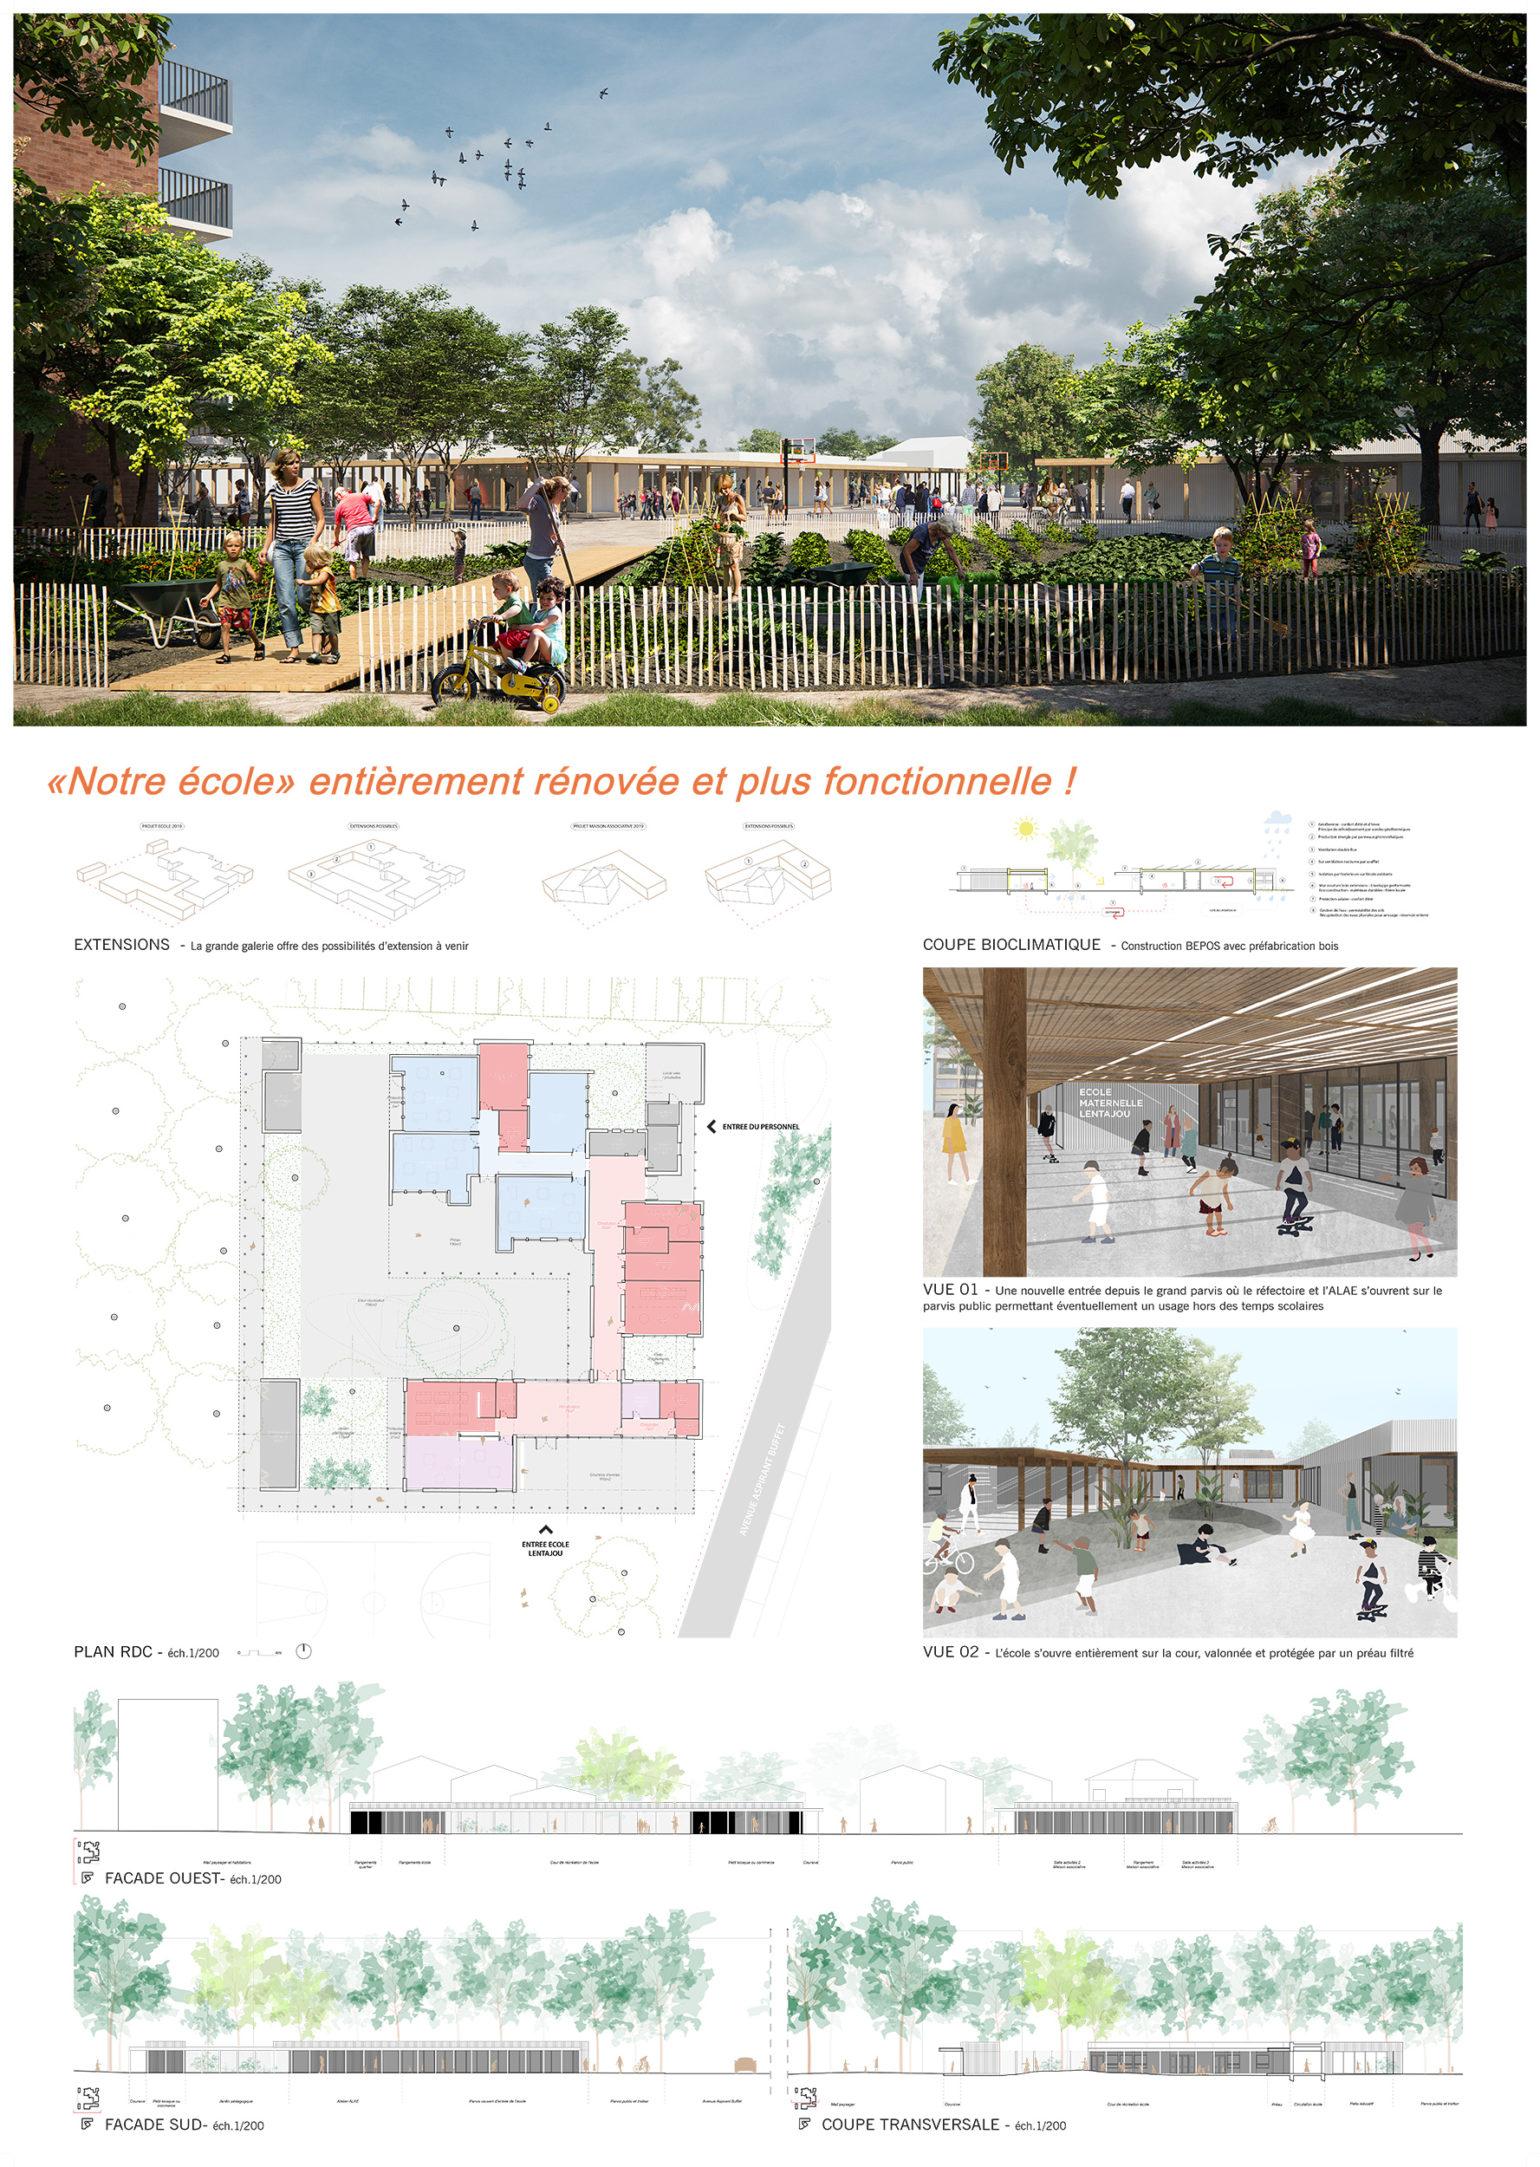 Le2bis-Concours Lentajou - Planche concours - 1 - Ecole rénovée et fonctionnelle - quartier Lentajou